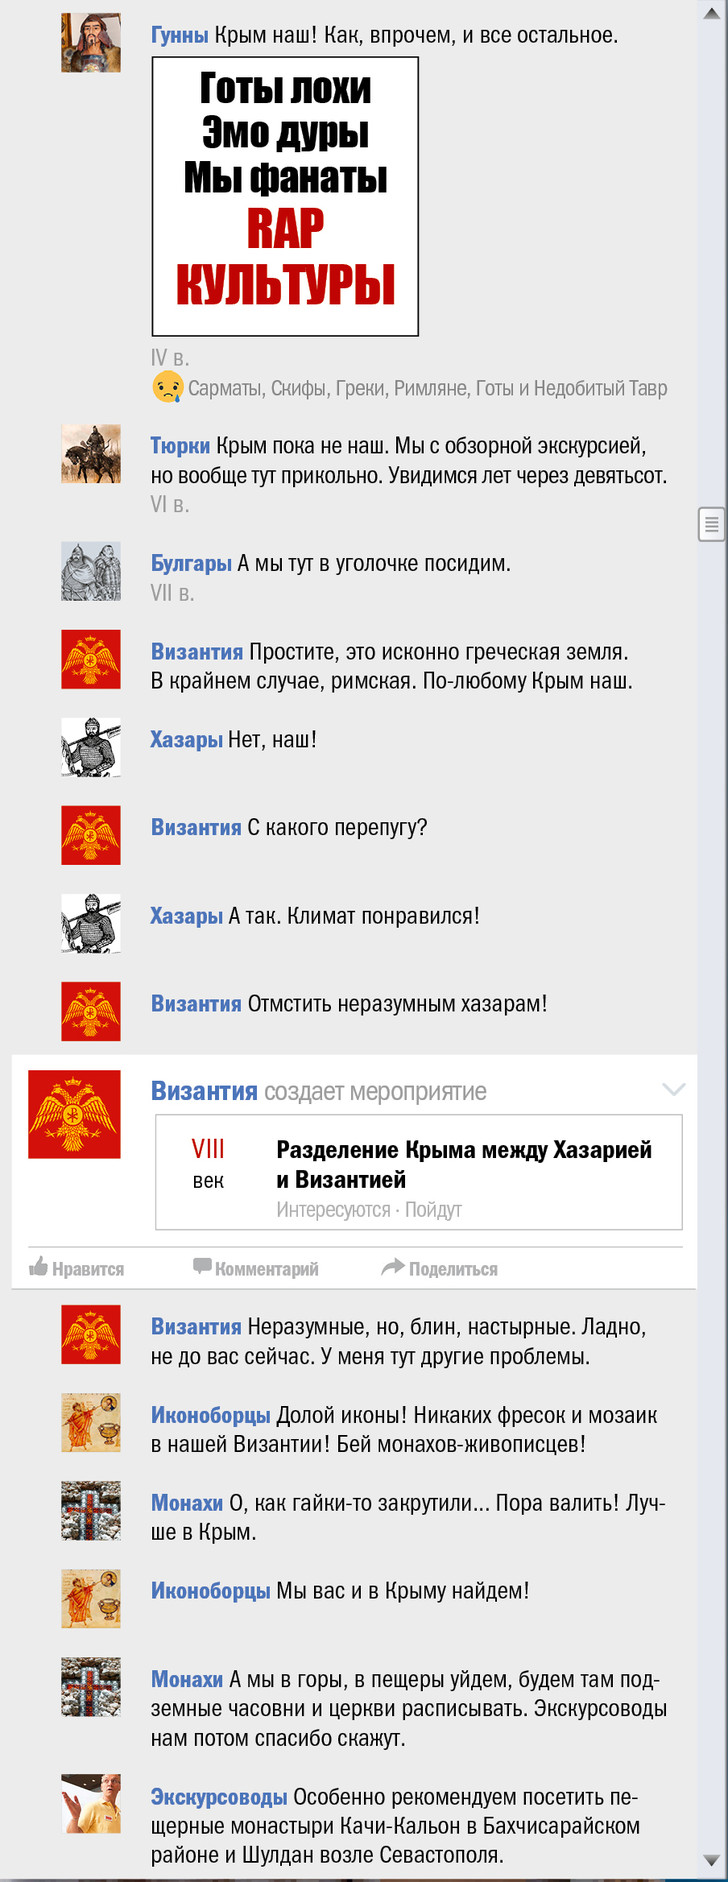 Фото №5 - Крым чей? Правдивая история Крыма в виде ленты «Фейсбука»